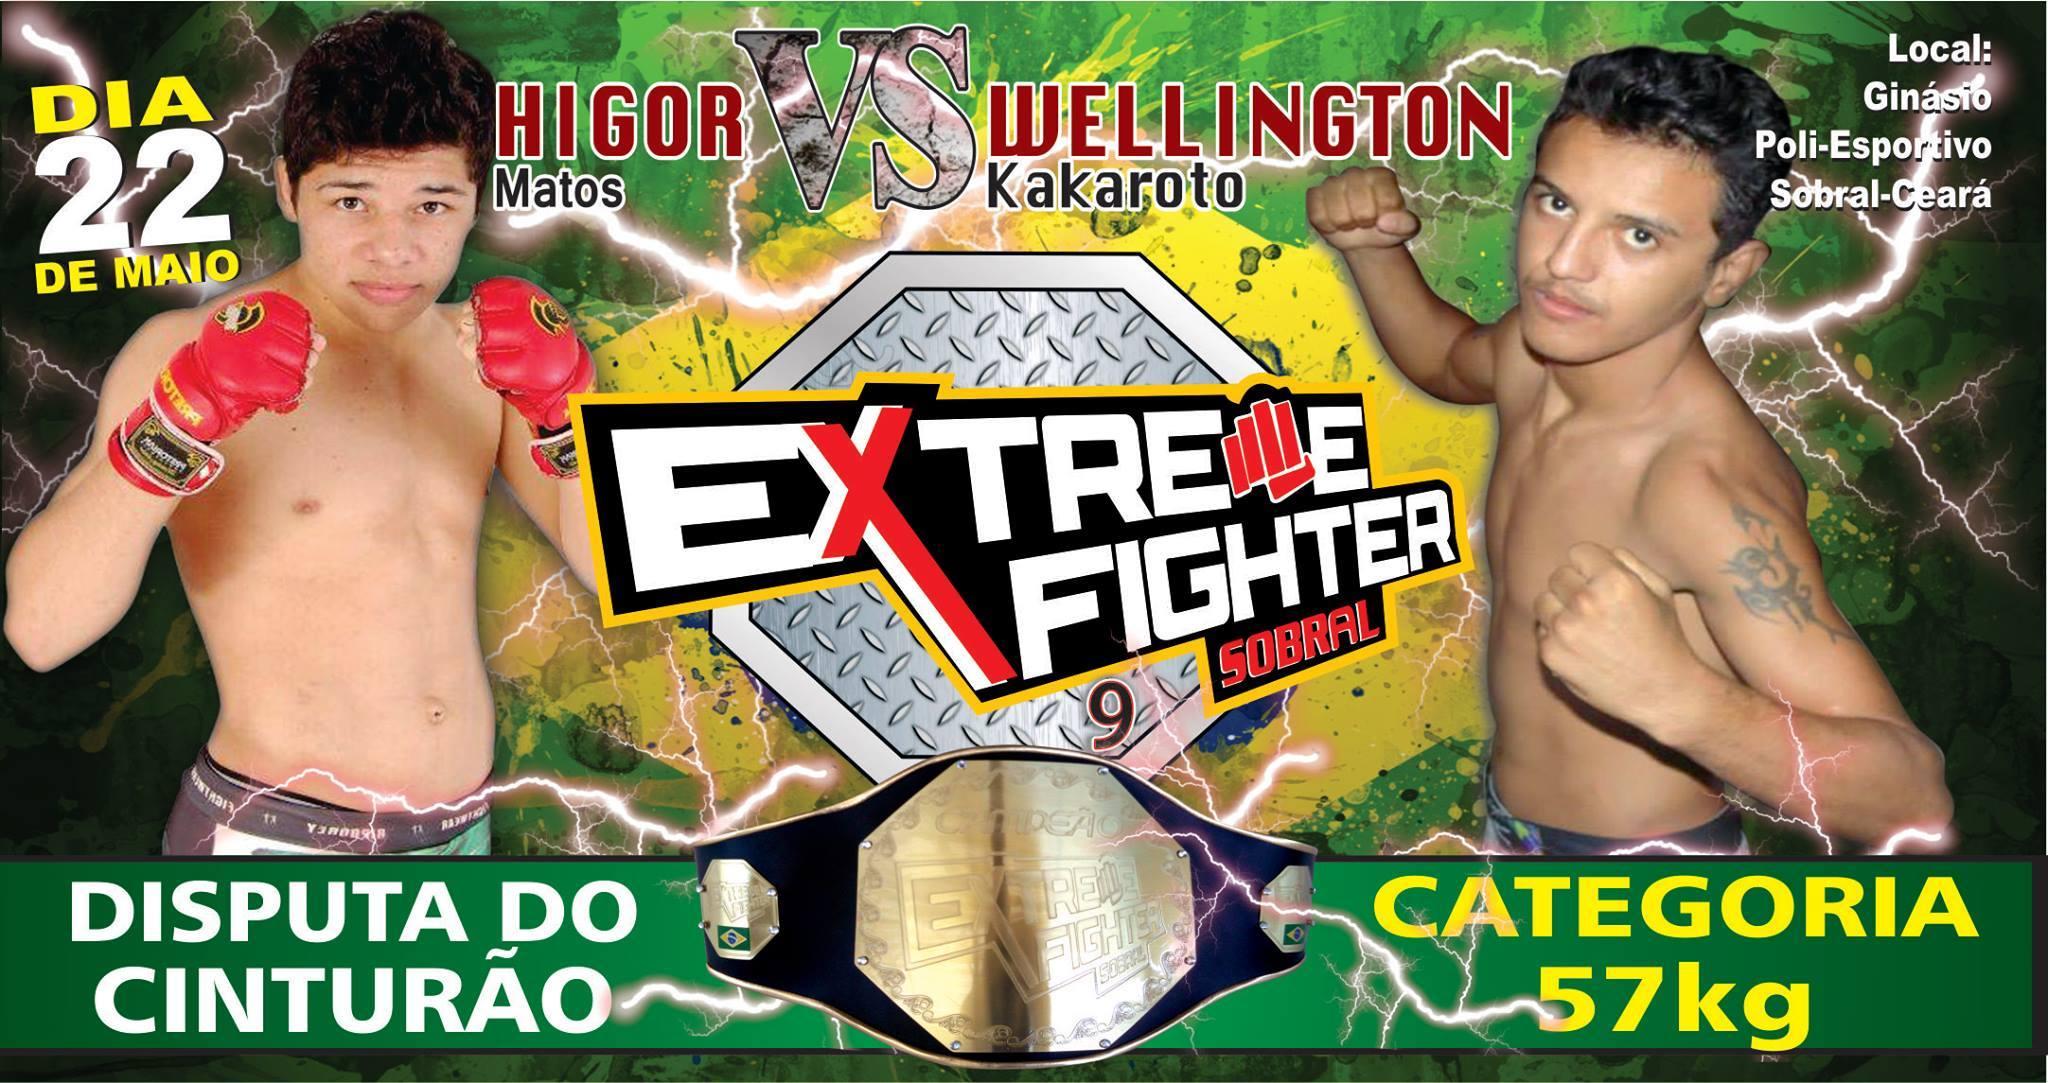 Dois jovens promissores lutando pelo cinturão. Foto: Divulgação